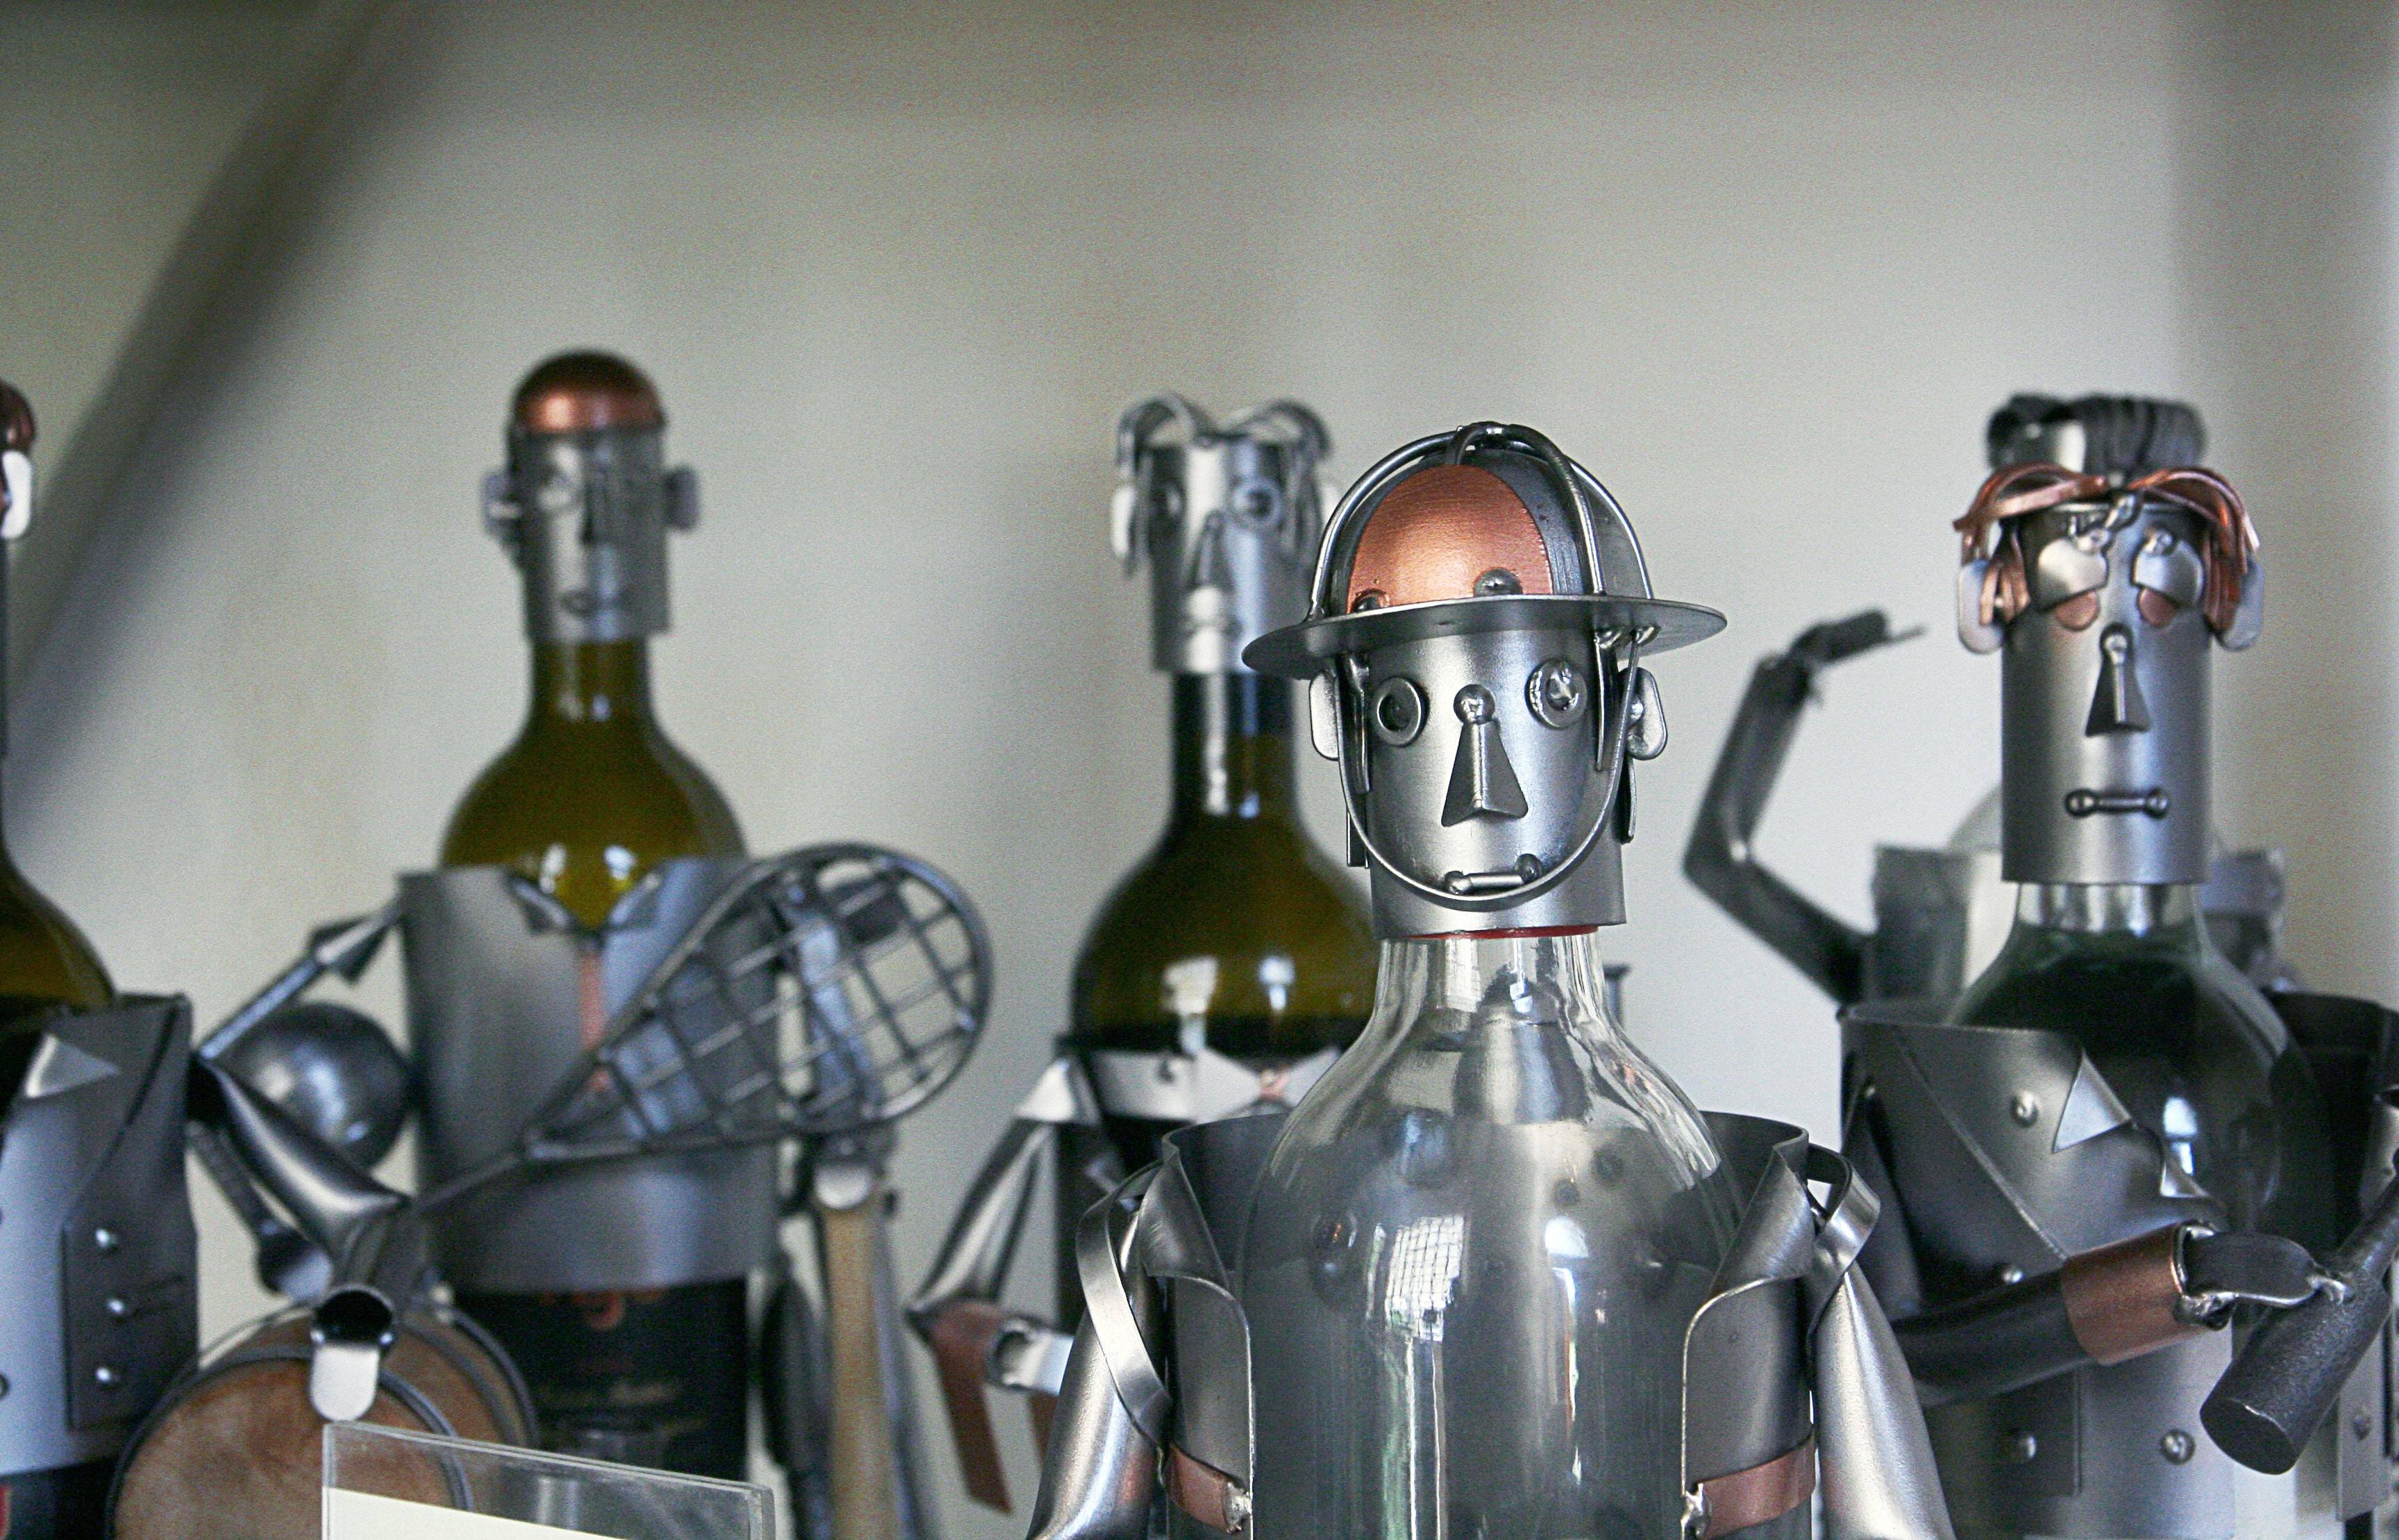 从0到55亿美元的农业采摘机器人市场——报告